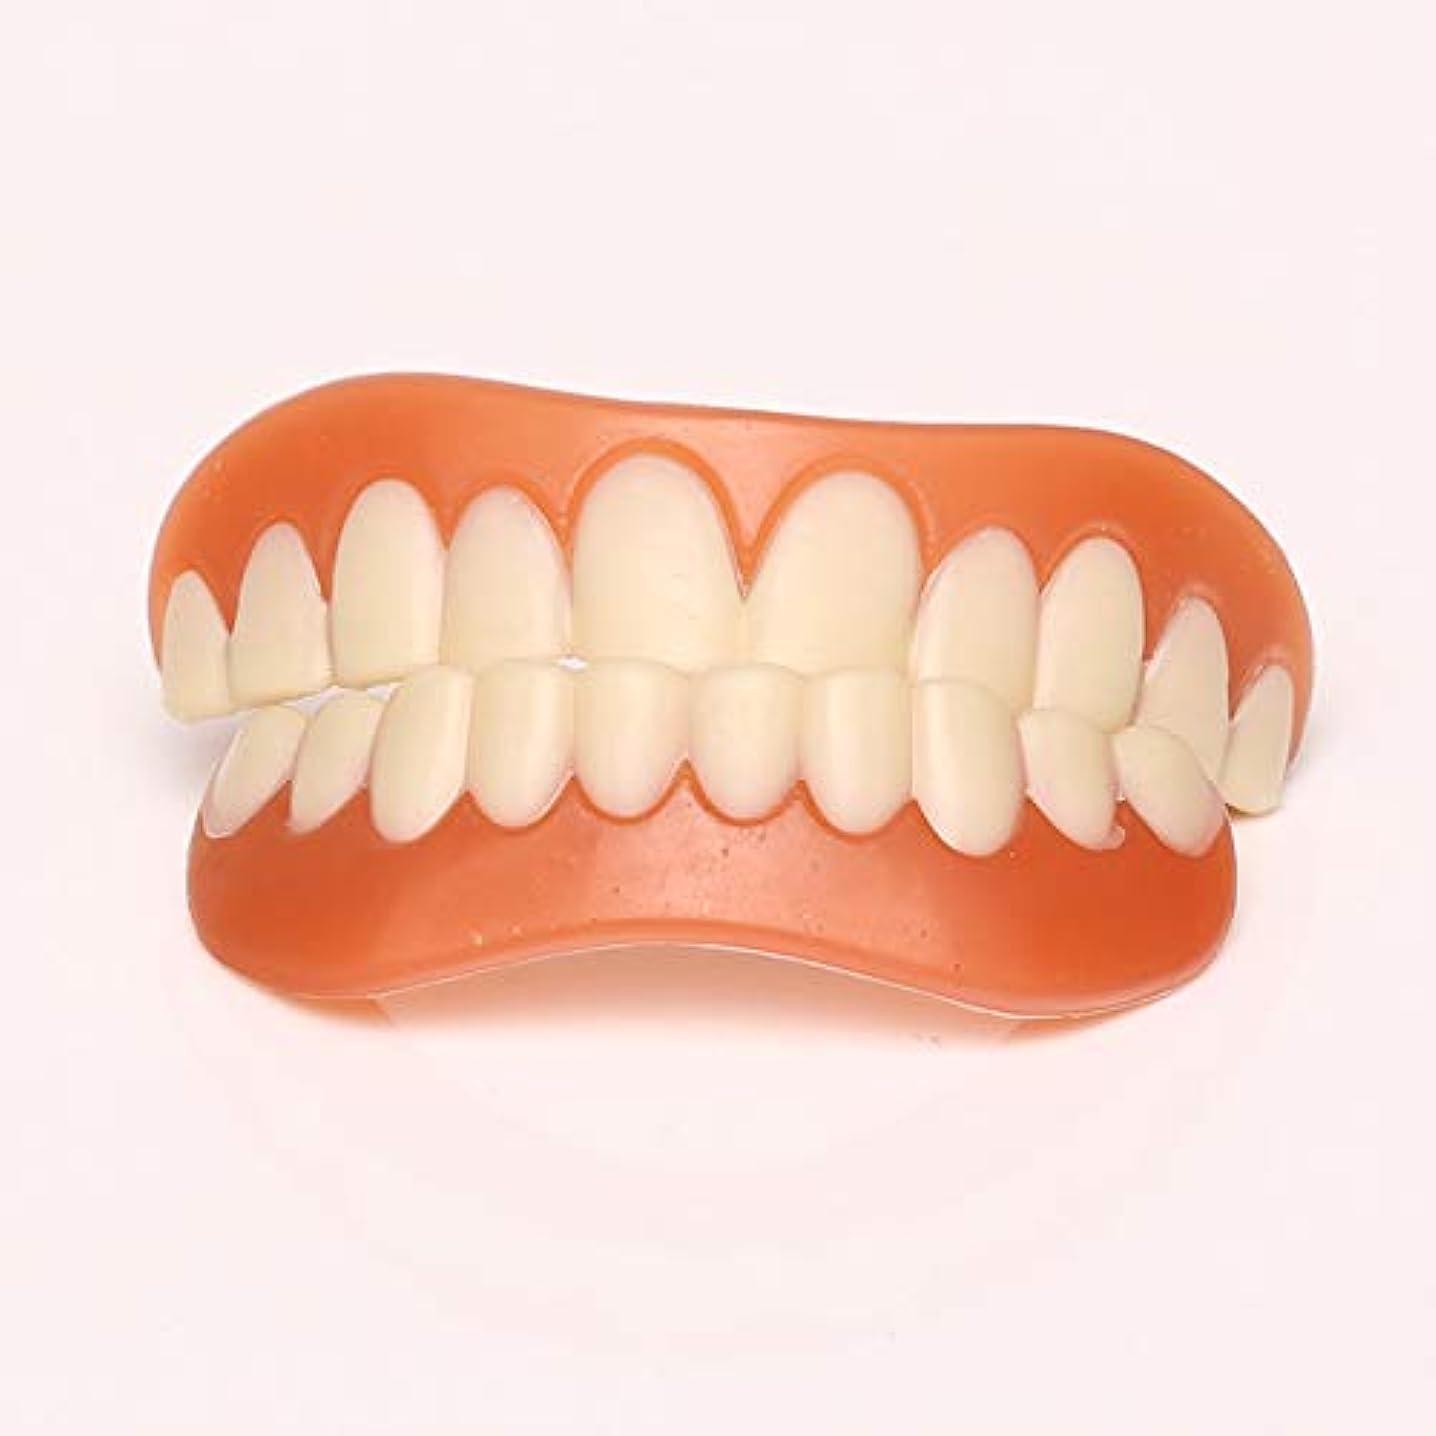 プロフィールプレゼントでも化粧品の歯、白い歯をきれいにするための快適なフィットフレックス歯ソケット、化粧品の歯義歯の歯のトップ化粧品、5セット